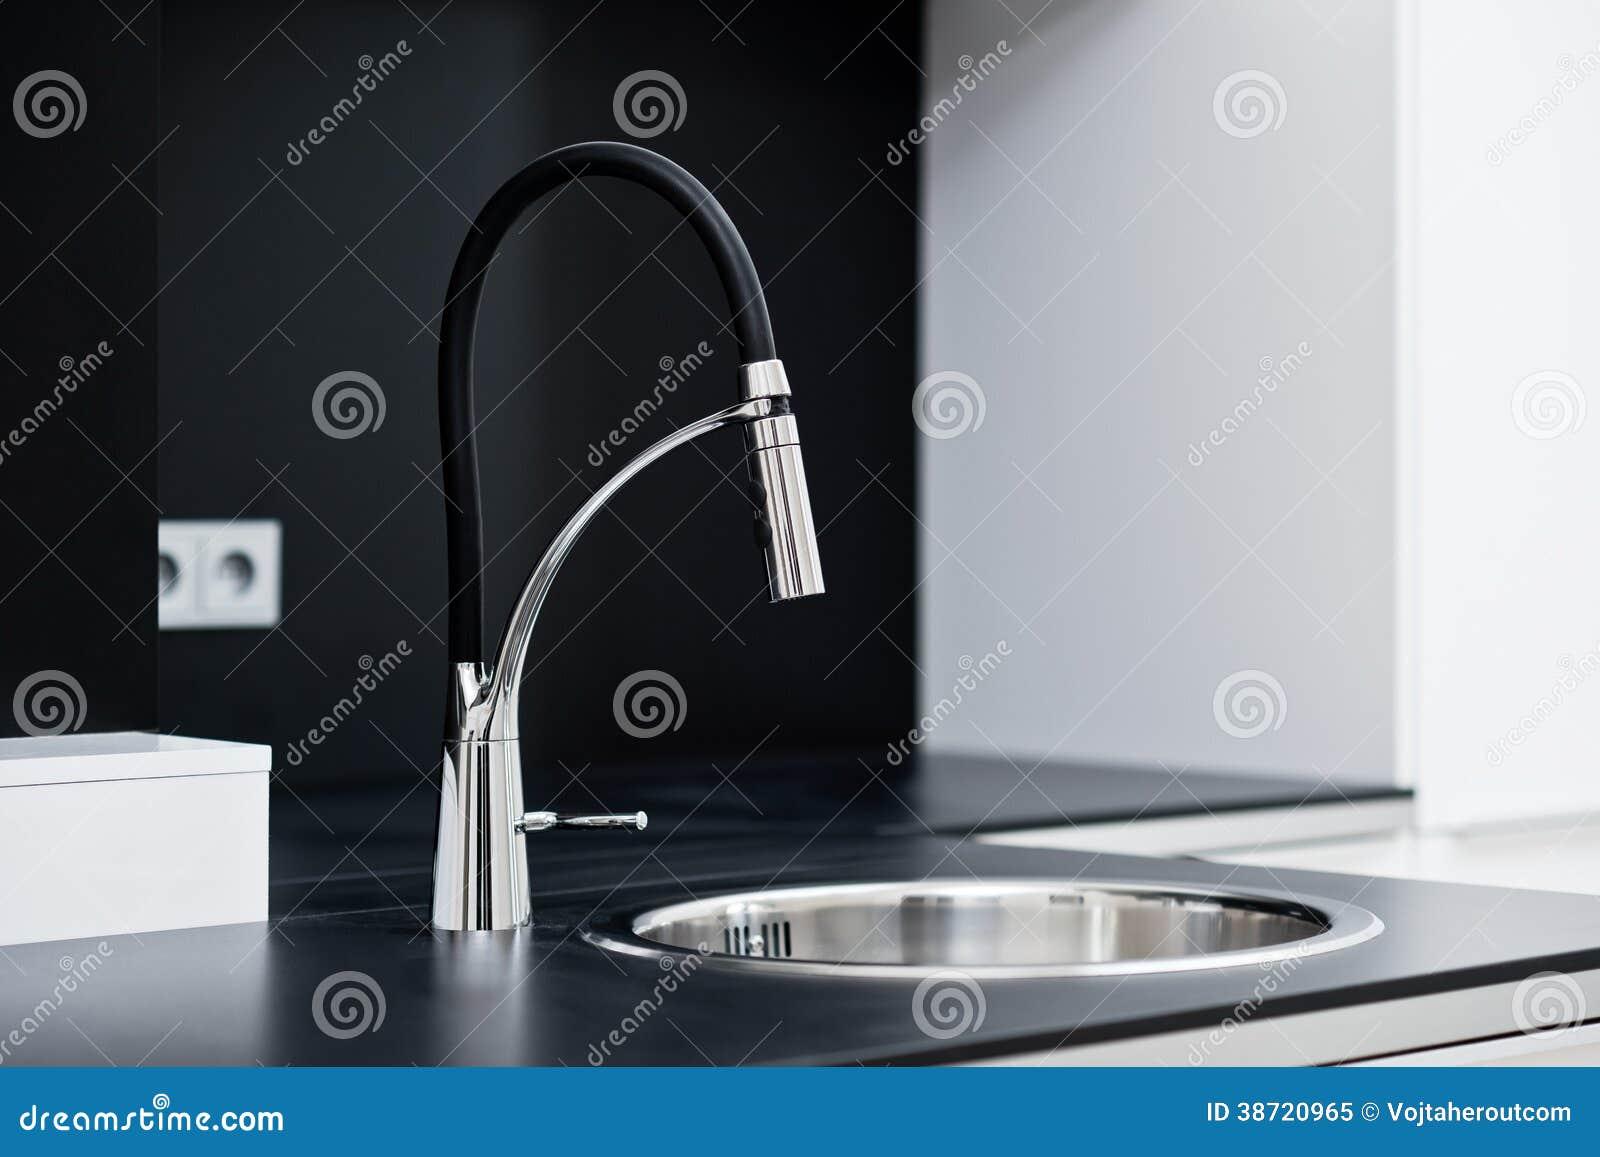 Grifo Elegante Moderno En La Cocina Del Diseño Imagen de ...